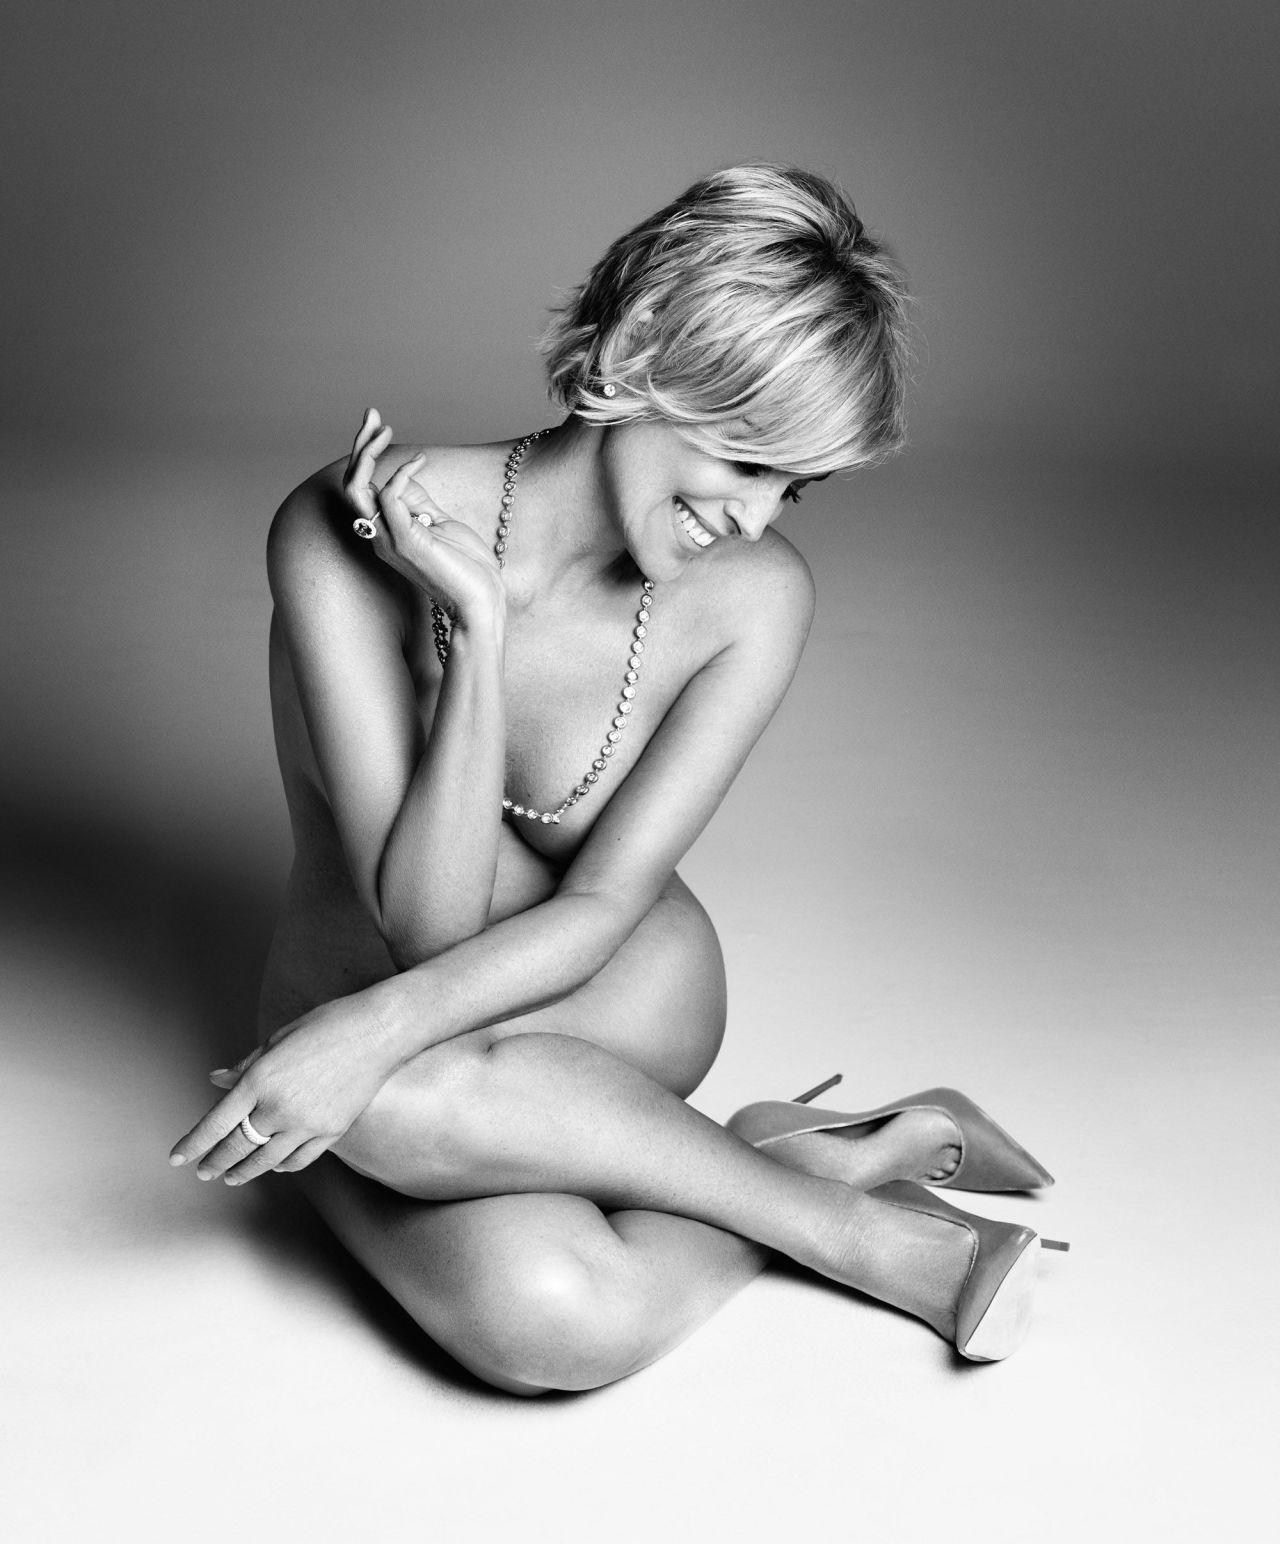 Nude Sharon Stone Controversy